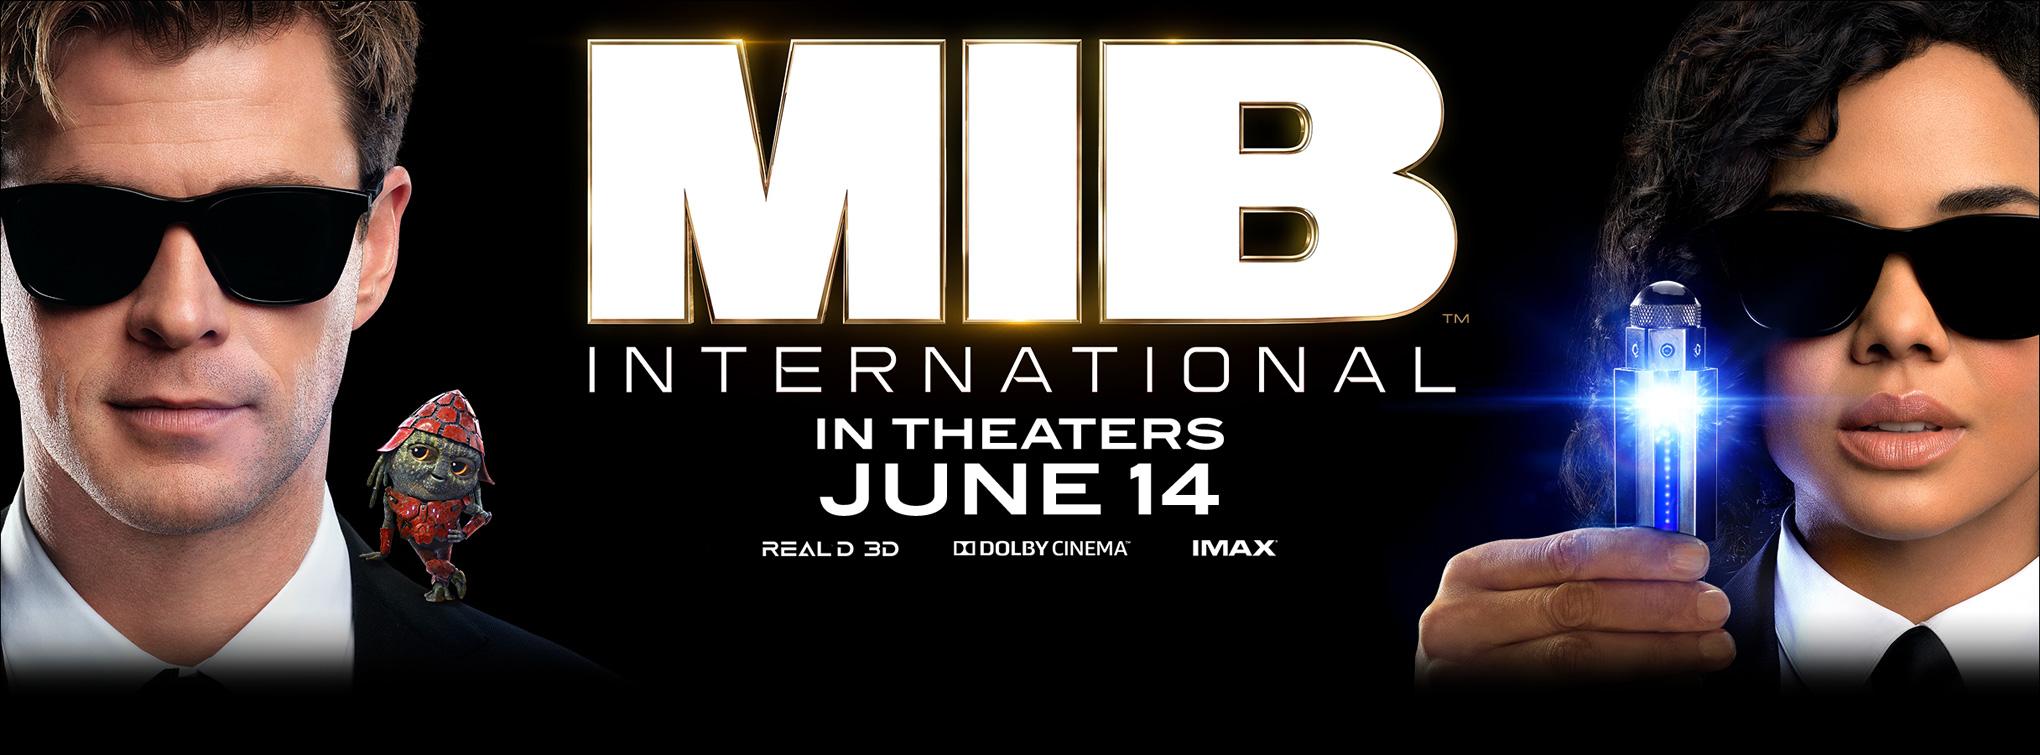 Slider image for Men in Black: International